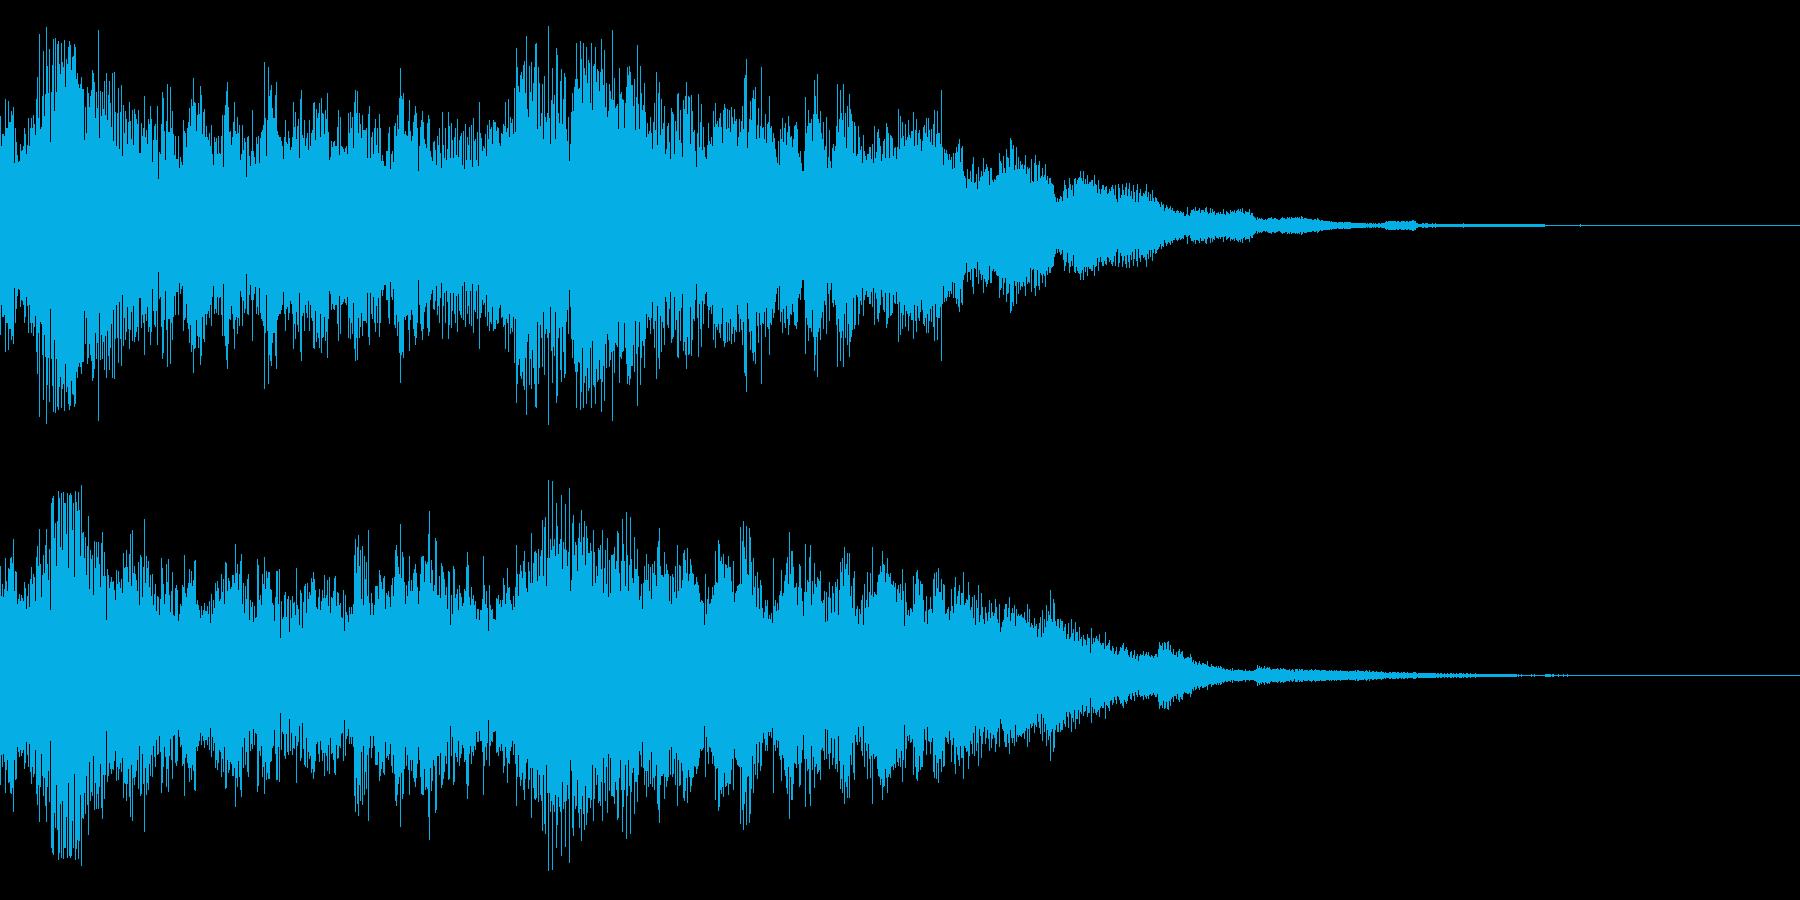 システム系起動音の再生済みの波形